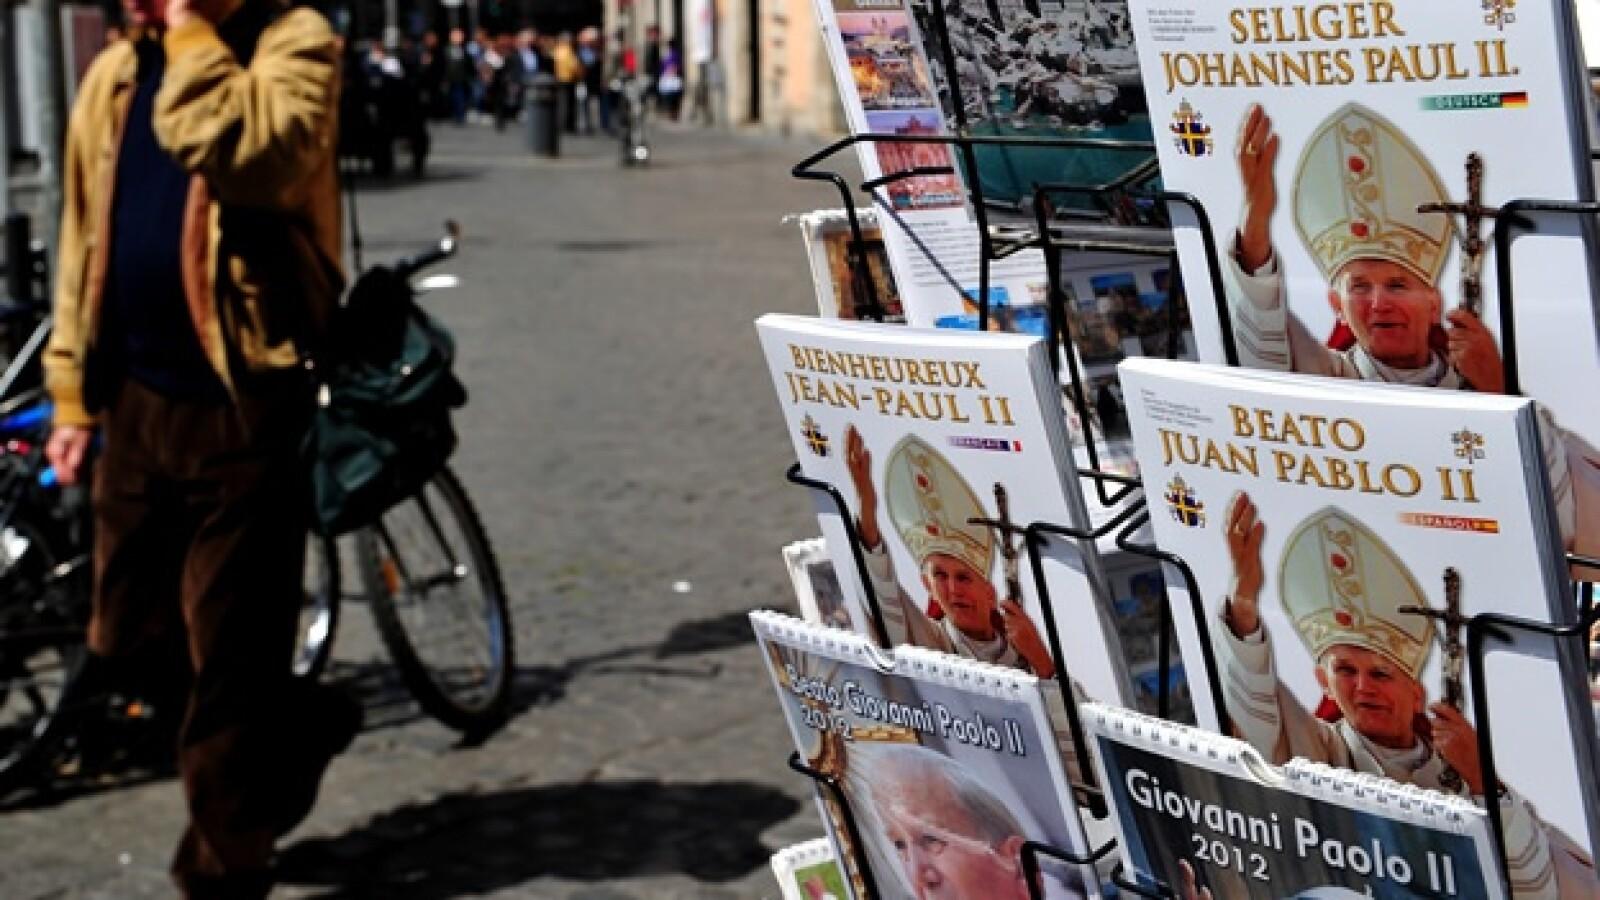 Juan Pablo II - calendarios y libros